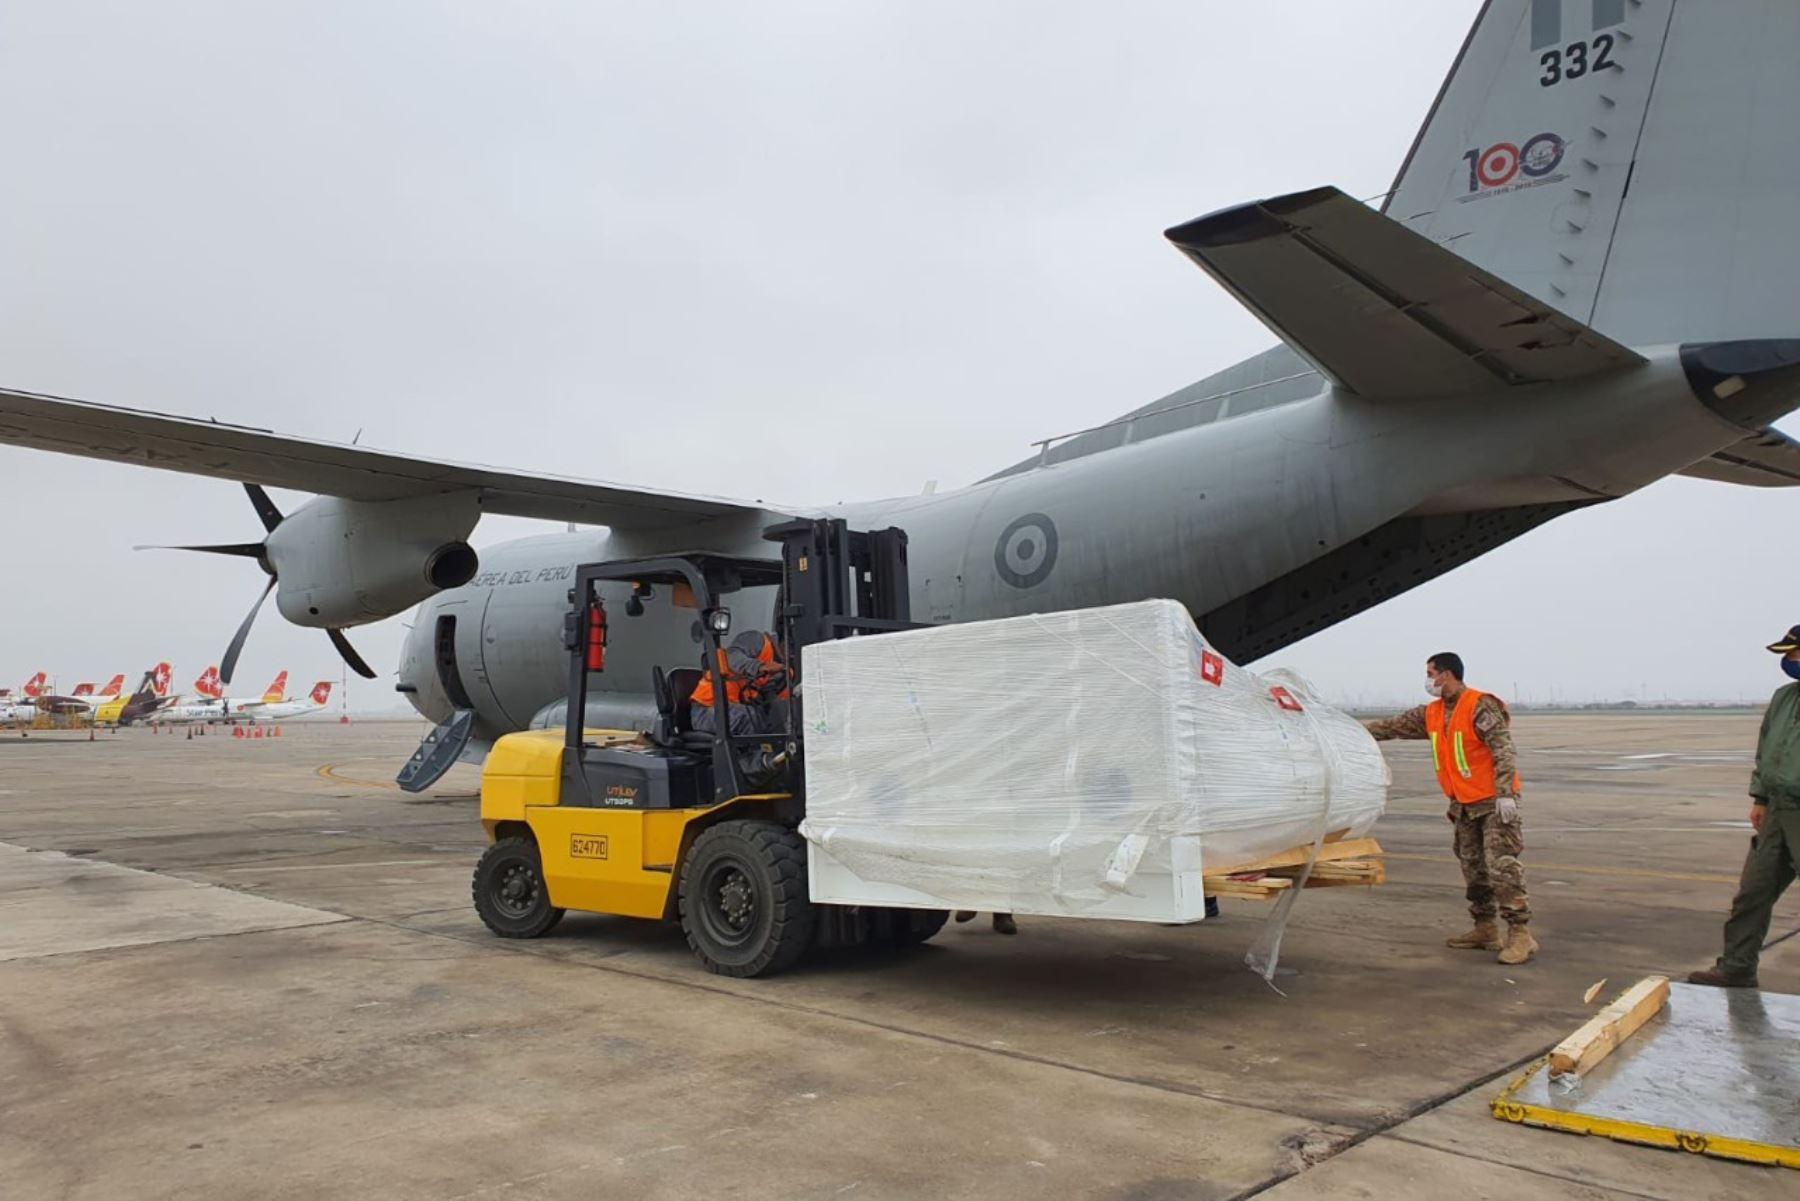 El aeropuerto de Tarapoto recibió vuelos que trasladaron a personas, equipos médicos y otros insumos en la lucha contra el coronavirus. ANDINA/Difusión